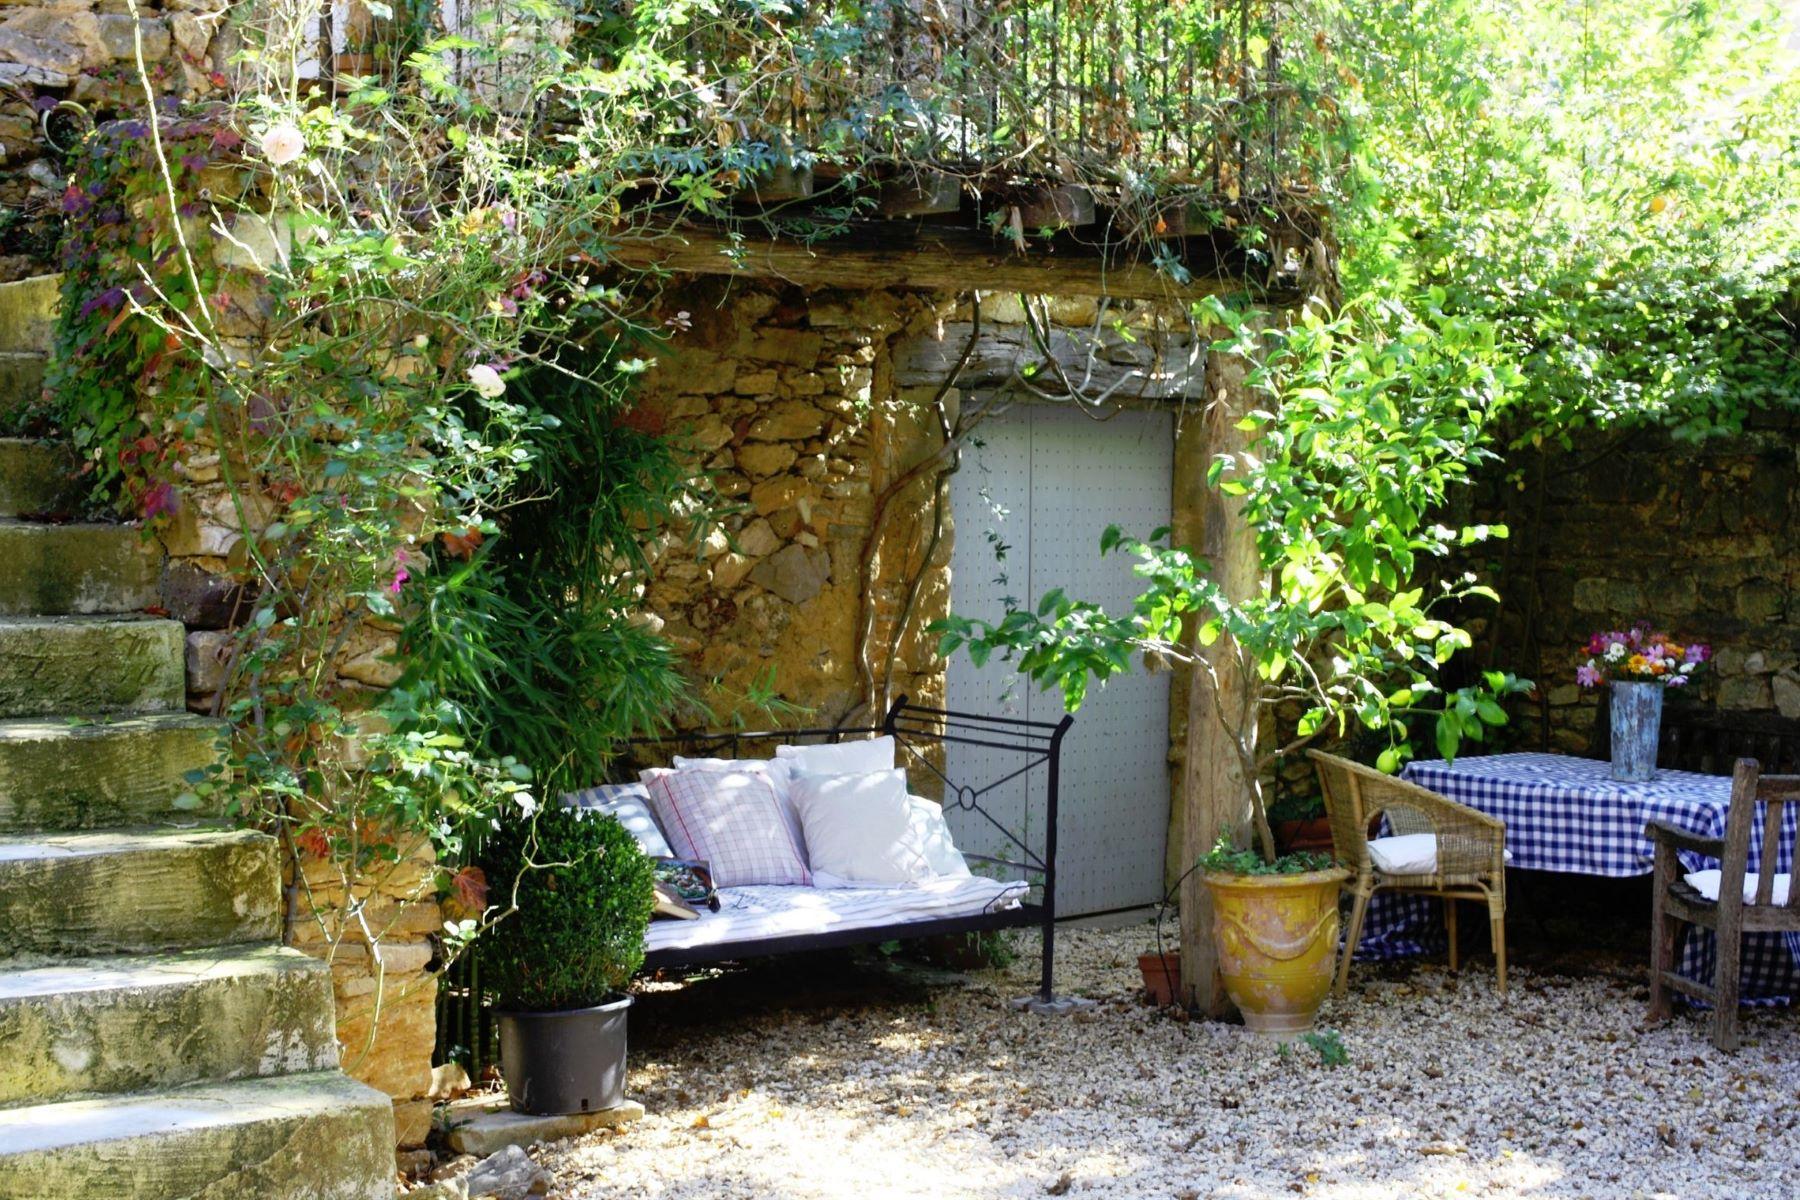 Single Family Home for Sale at 7 MINUTES D'UZES, BEAUCOUP DE CHARME Uzes, Languedoc-Roussillon, 30700 France